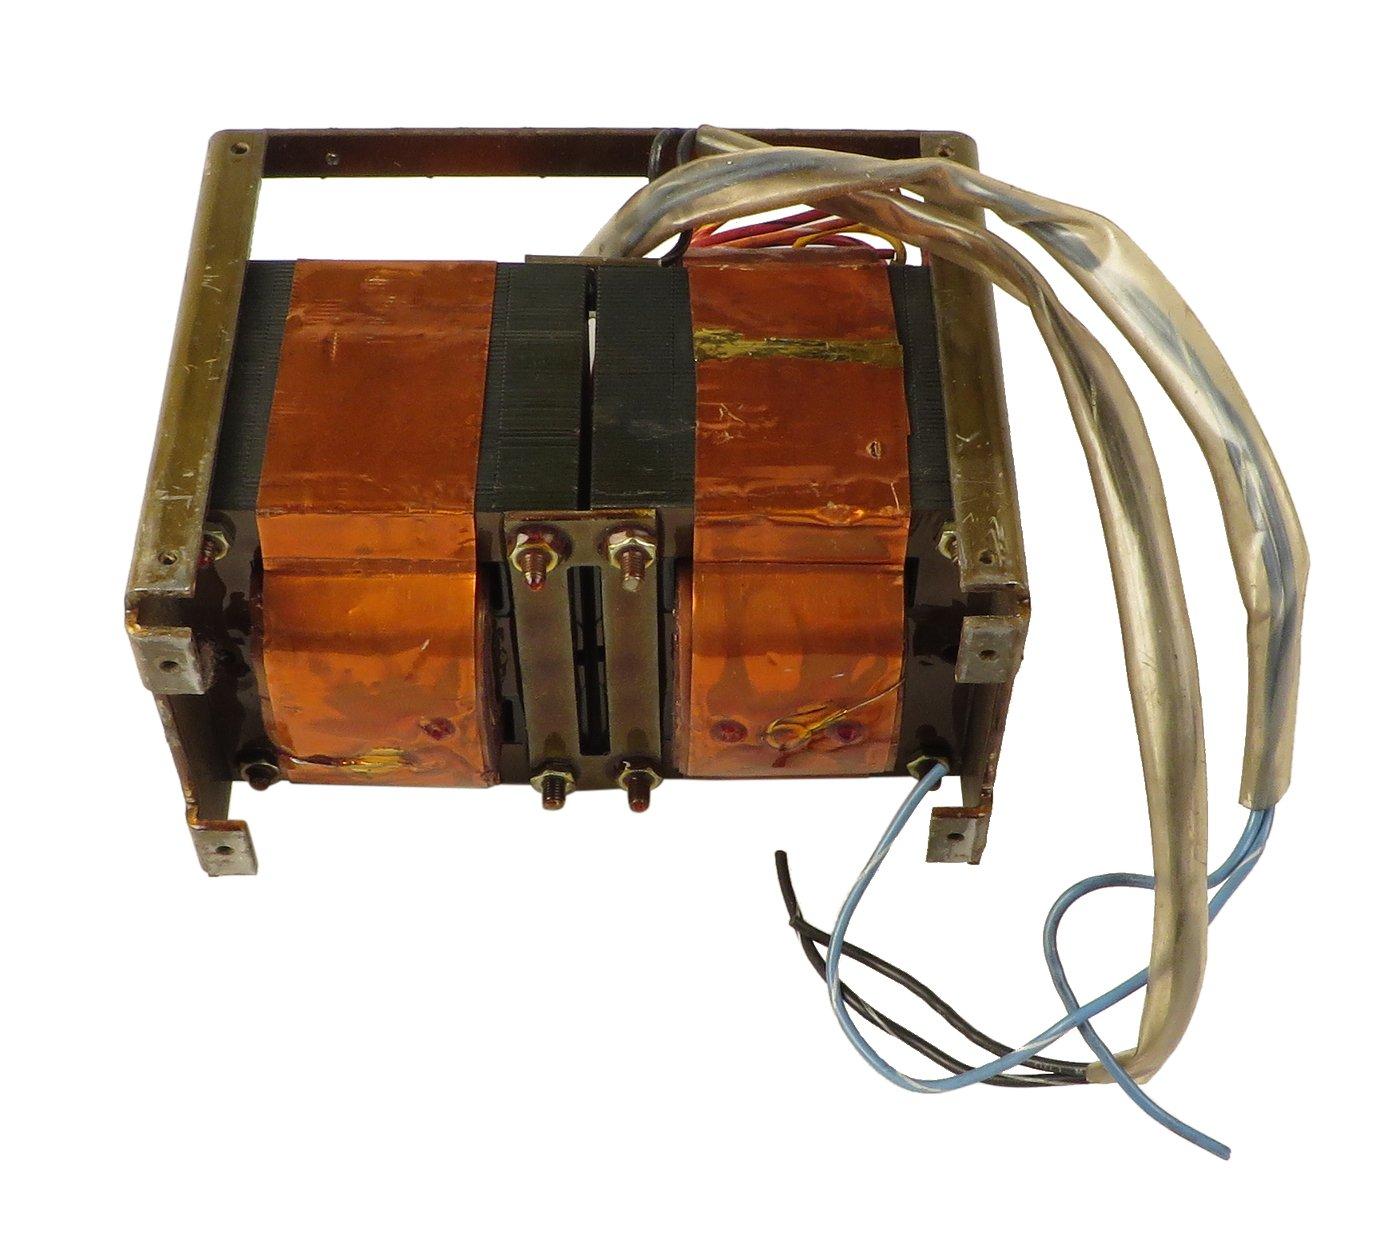 Transformer for XR1600D